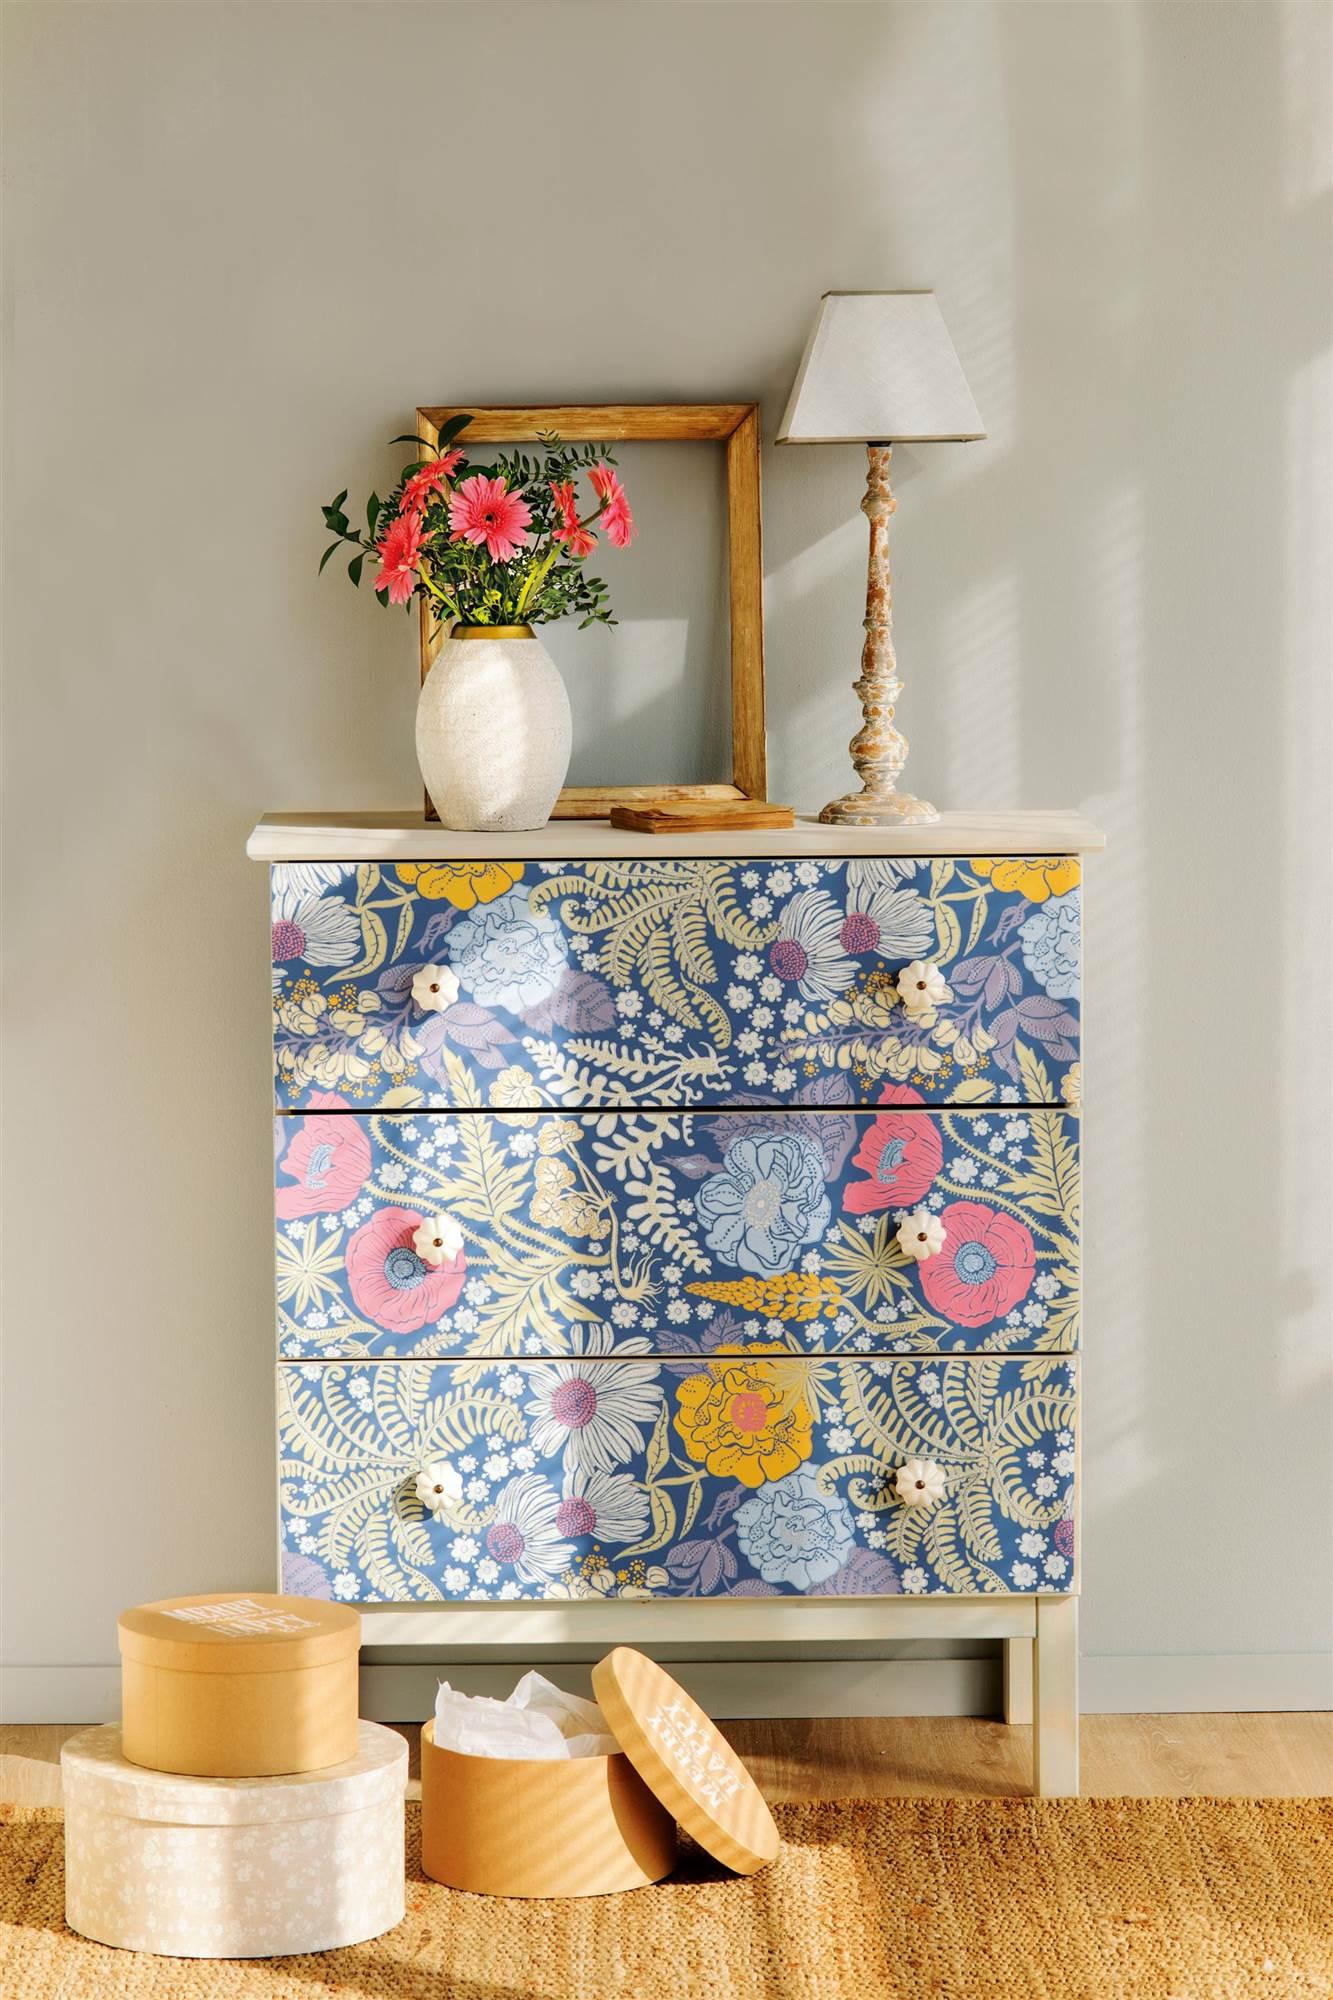 Pintura o papel pintado qu es mejor y pros y contras - Papel pintado en muebles ...